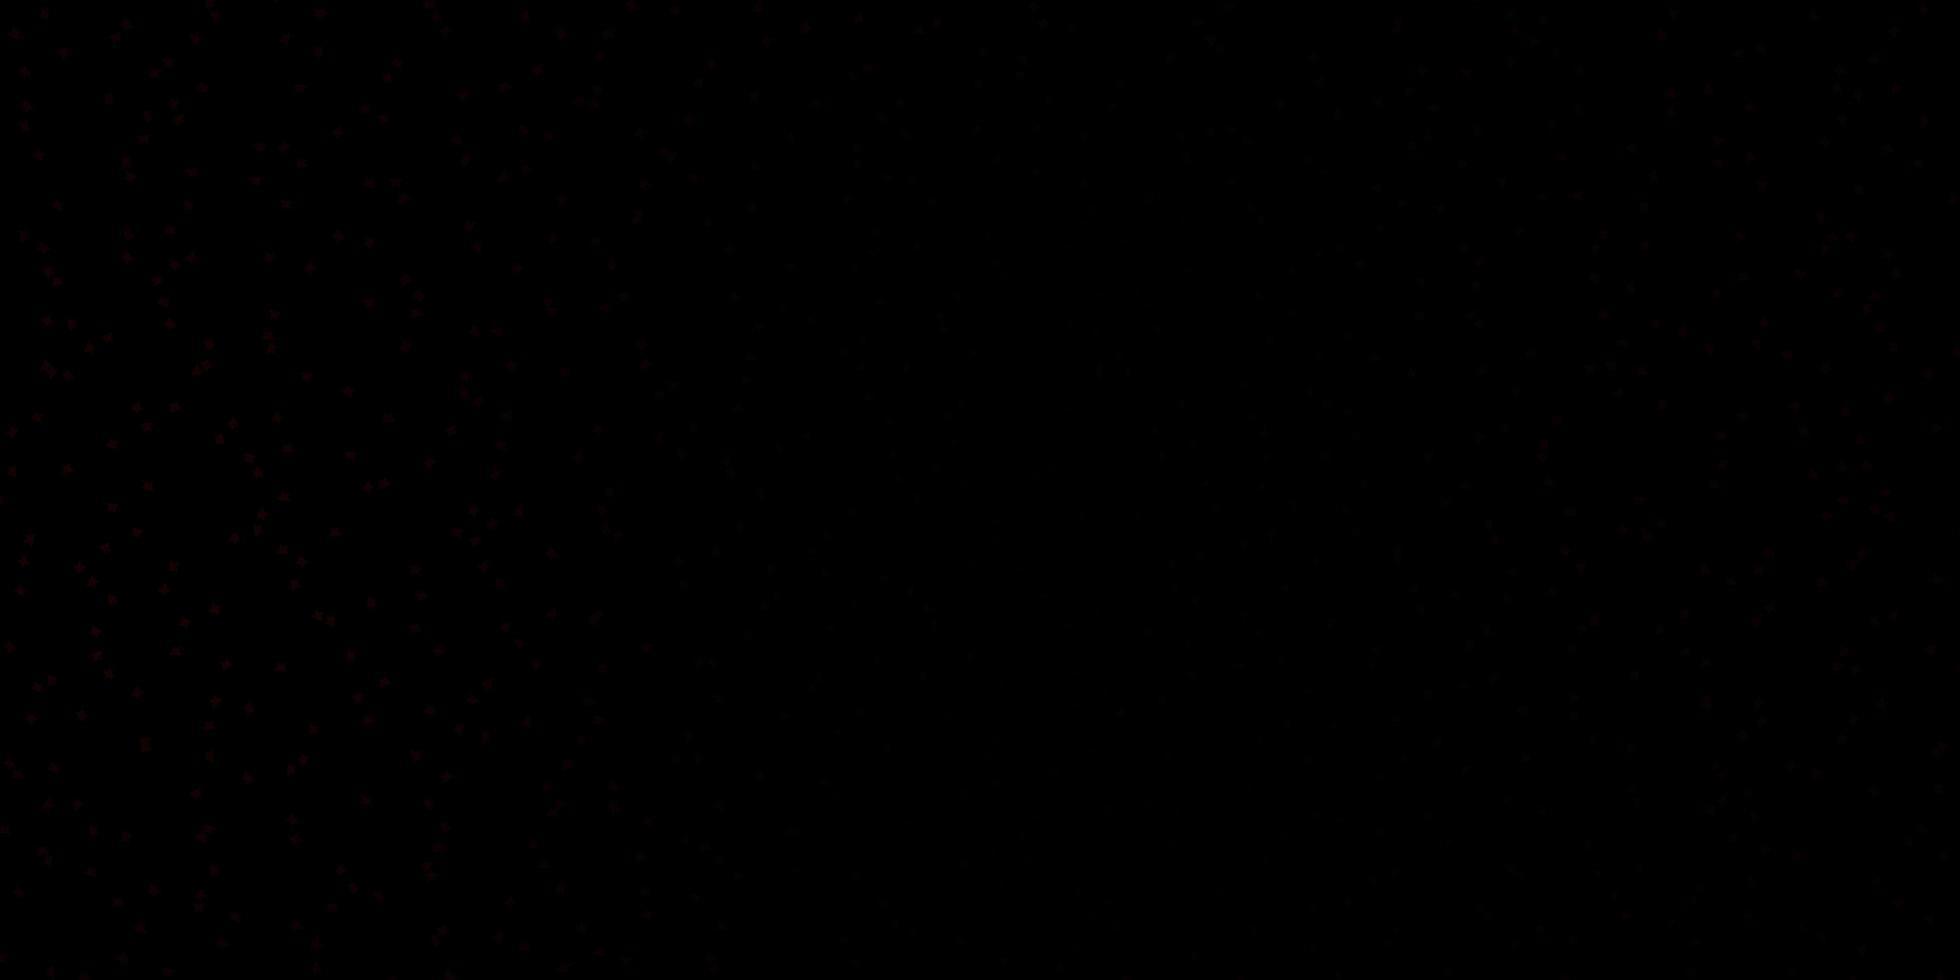 fundo vector vermelho escuro com estrelas pequenas e grandes.